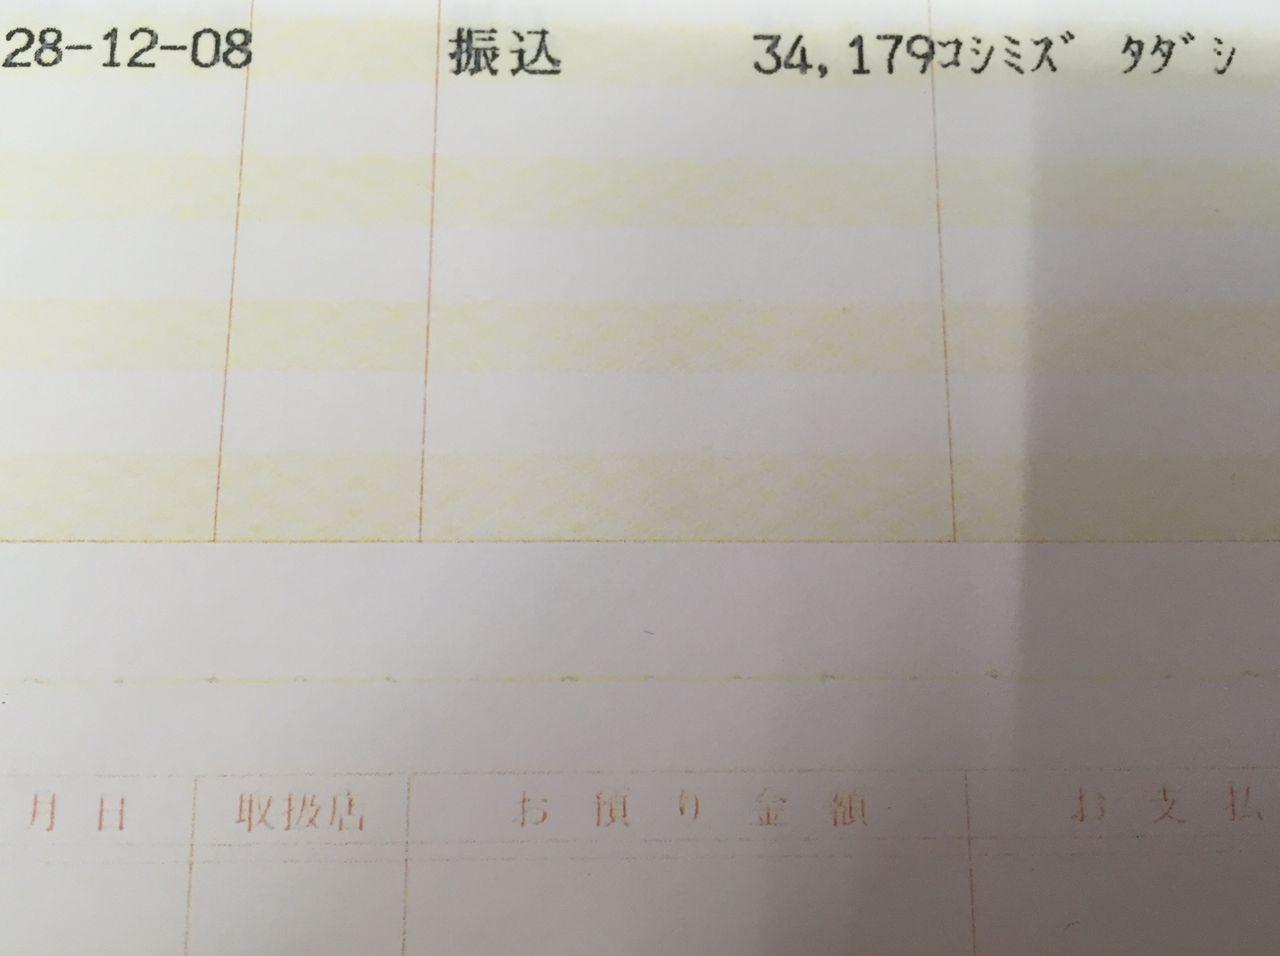 """【週刊朝日】共産党の救援募金""""詐欺""""疑惑「熊本地 …"""